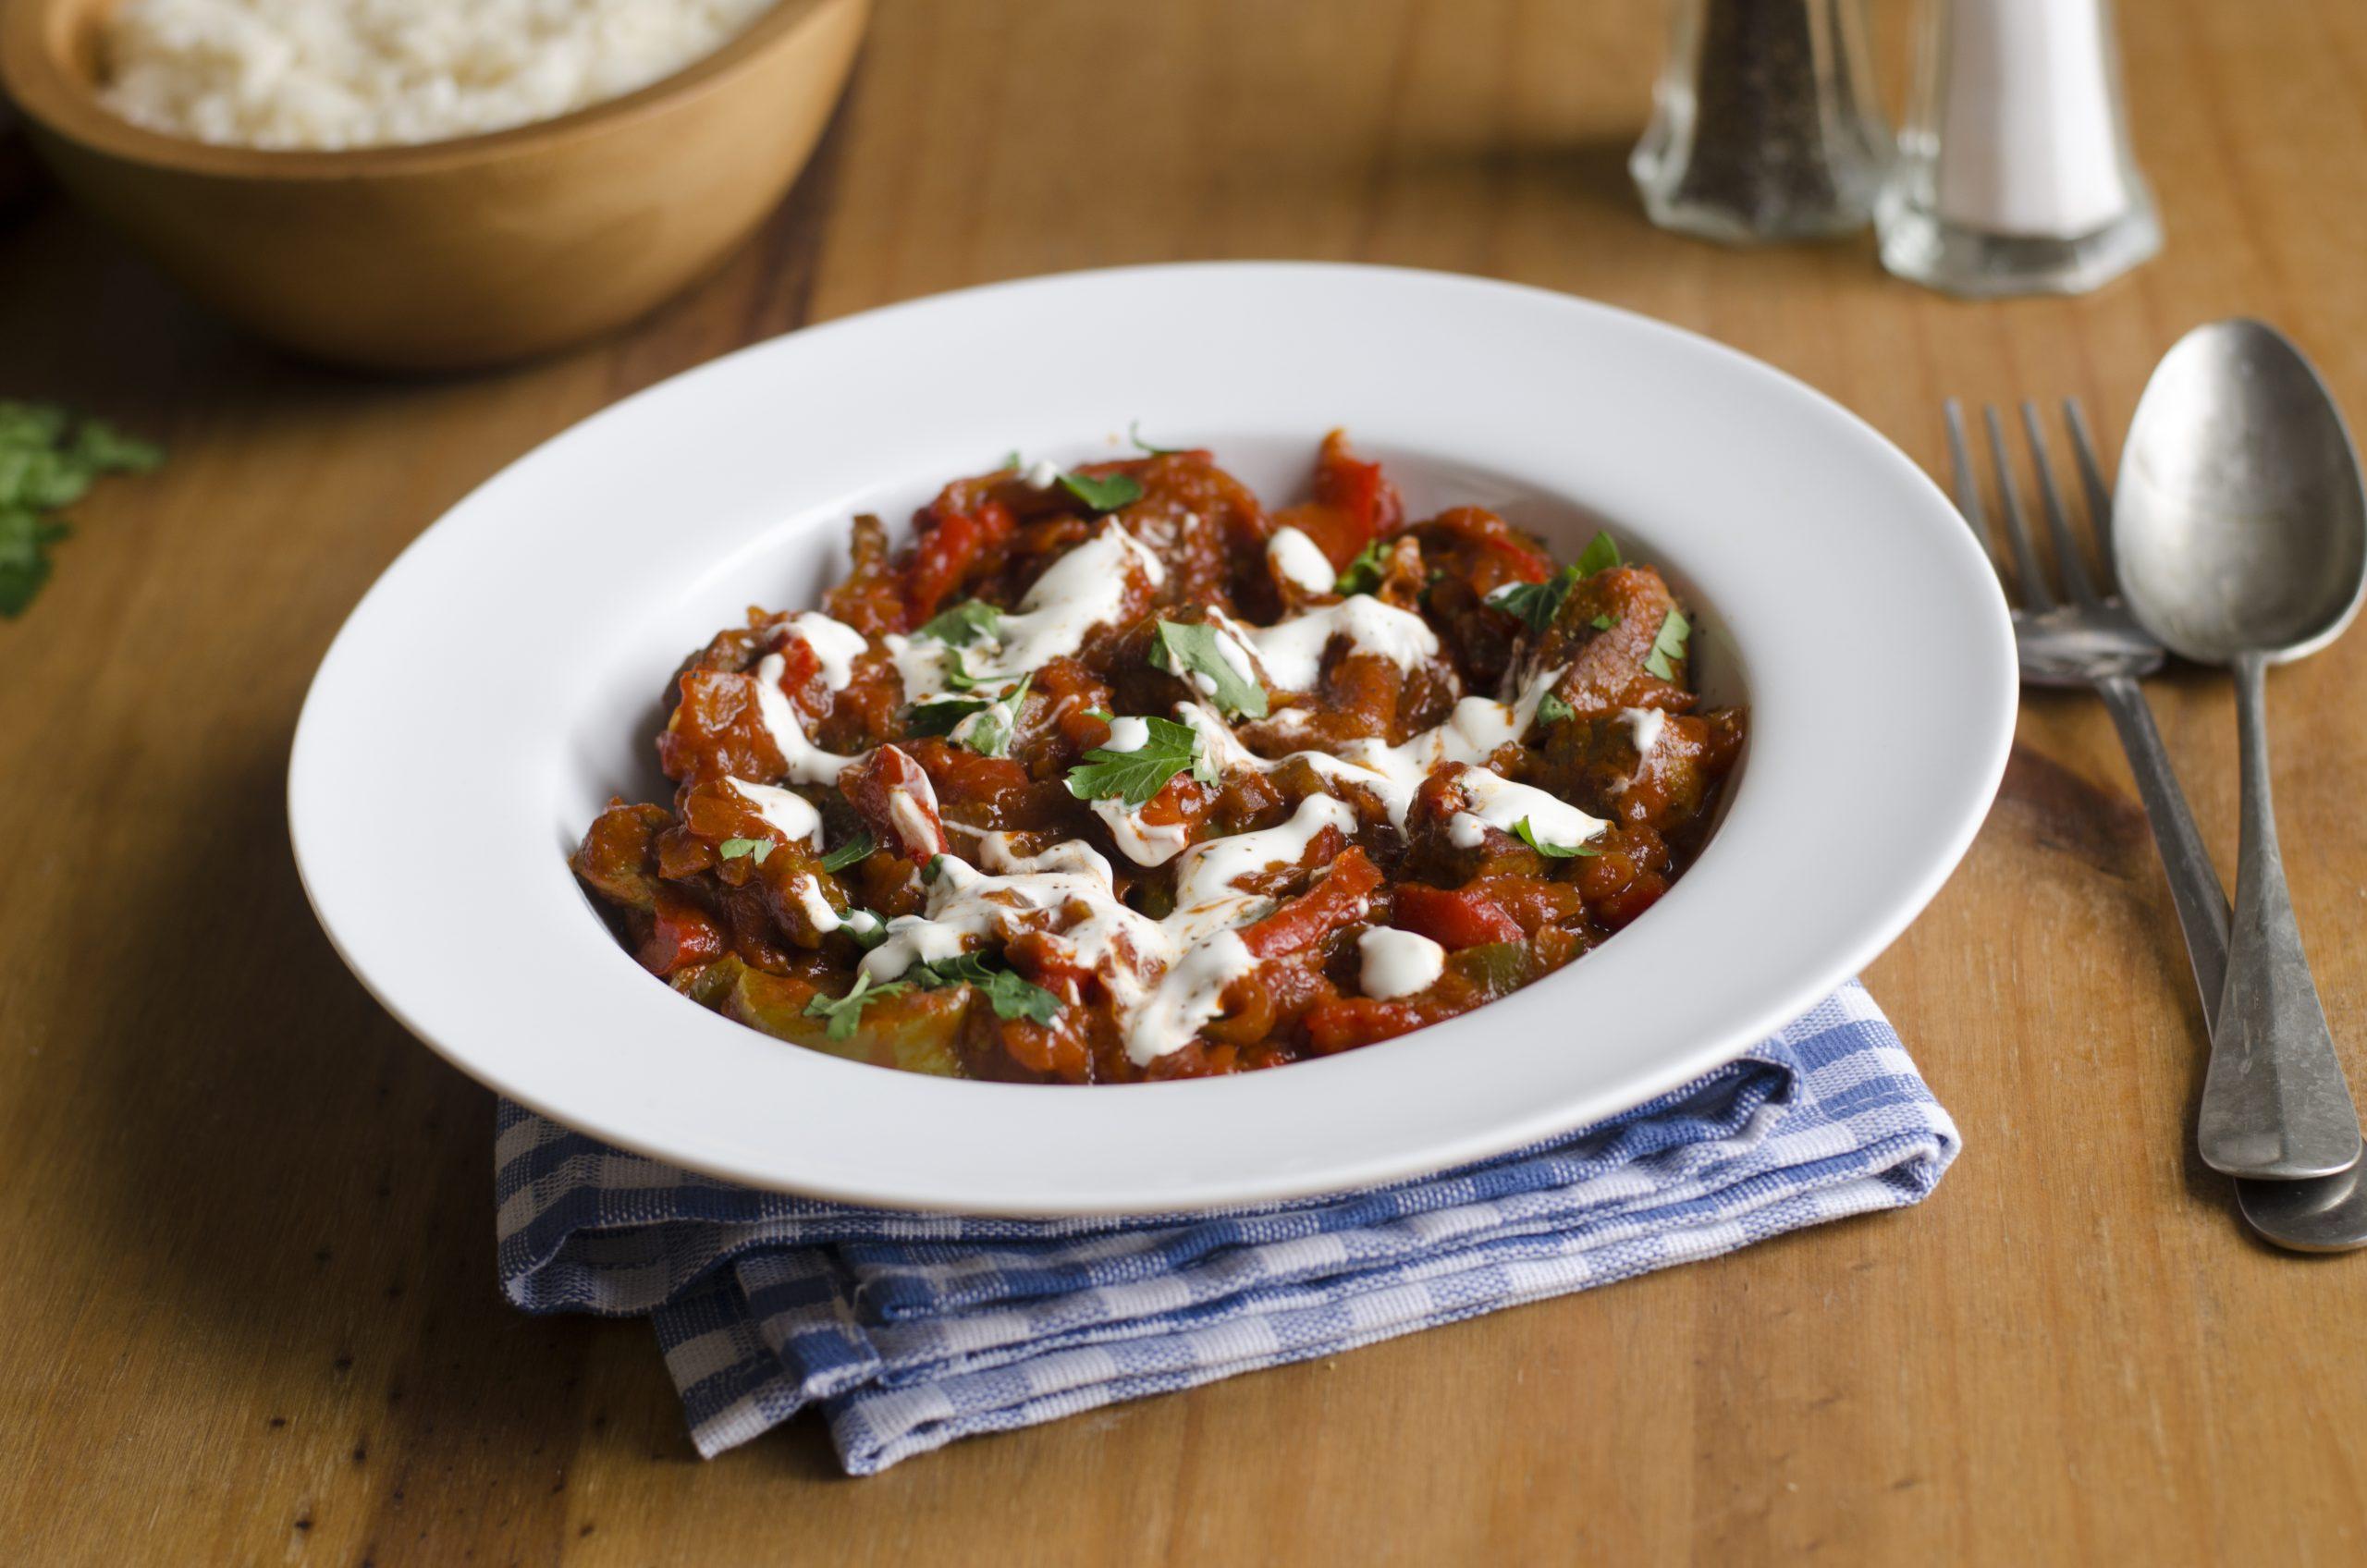 hackfleischpfanne-orientalisch-mit-paprika-tomaten-pinienkernen-und-rosinen